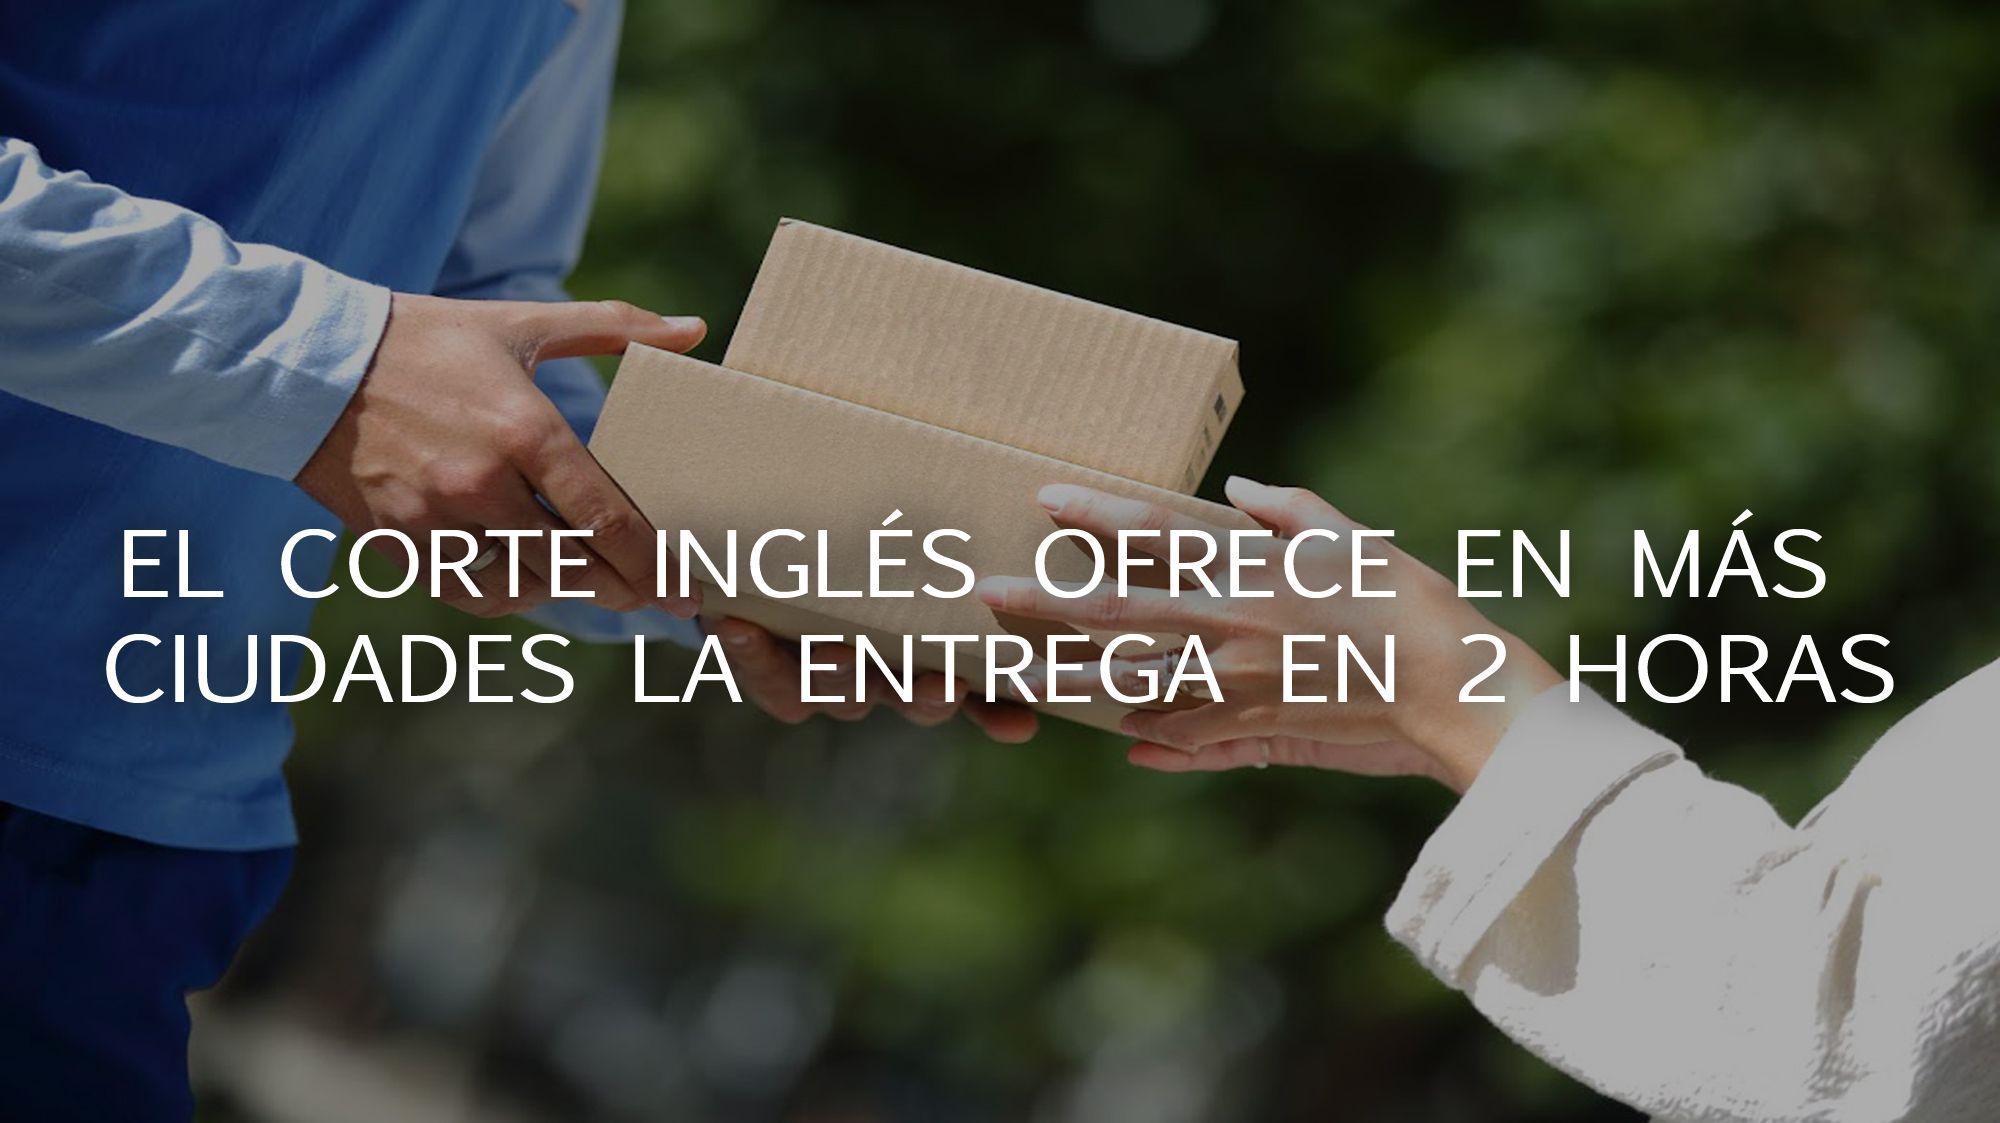 El Corte Inglés ofrece más entregas de menos de 2 horas en más ciudades